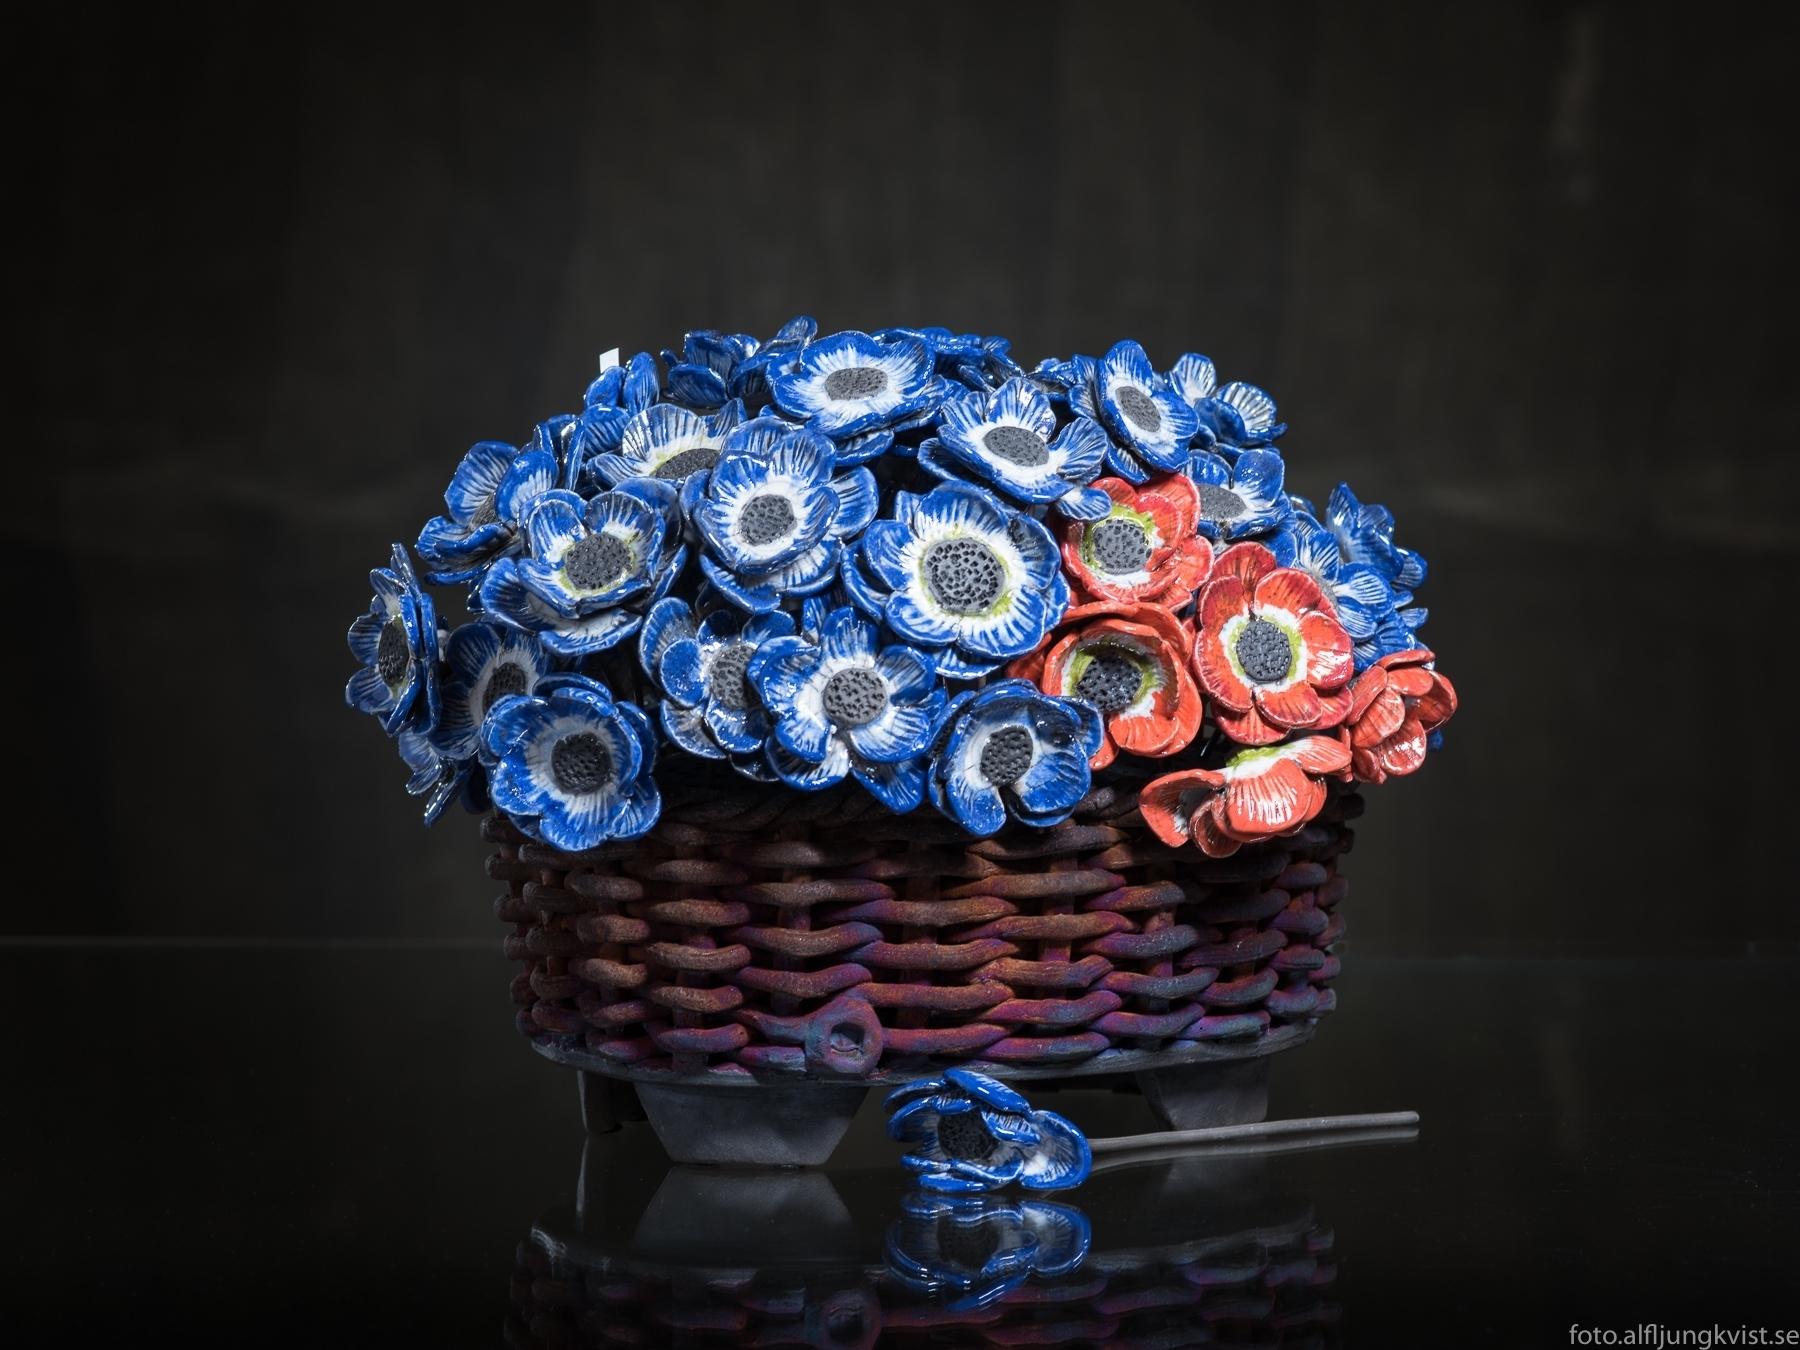 thumbs_Blå-blommor-i-kruka-svart